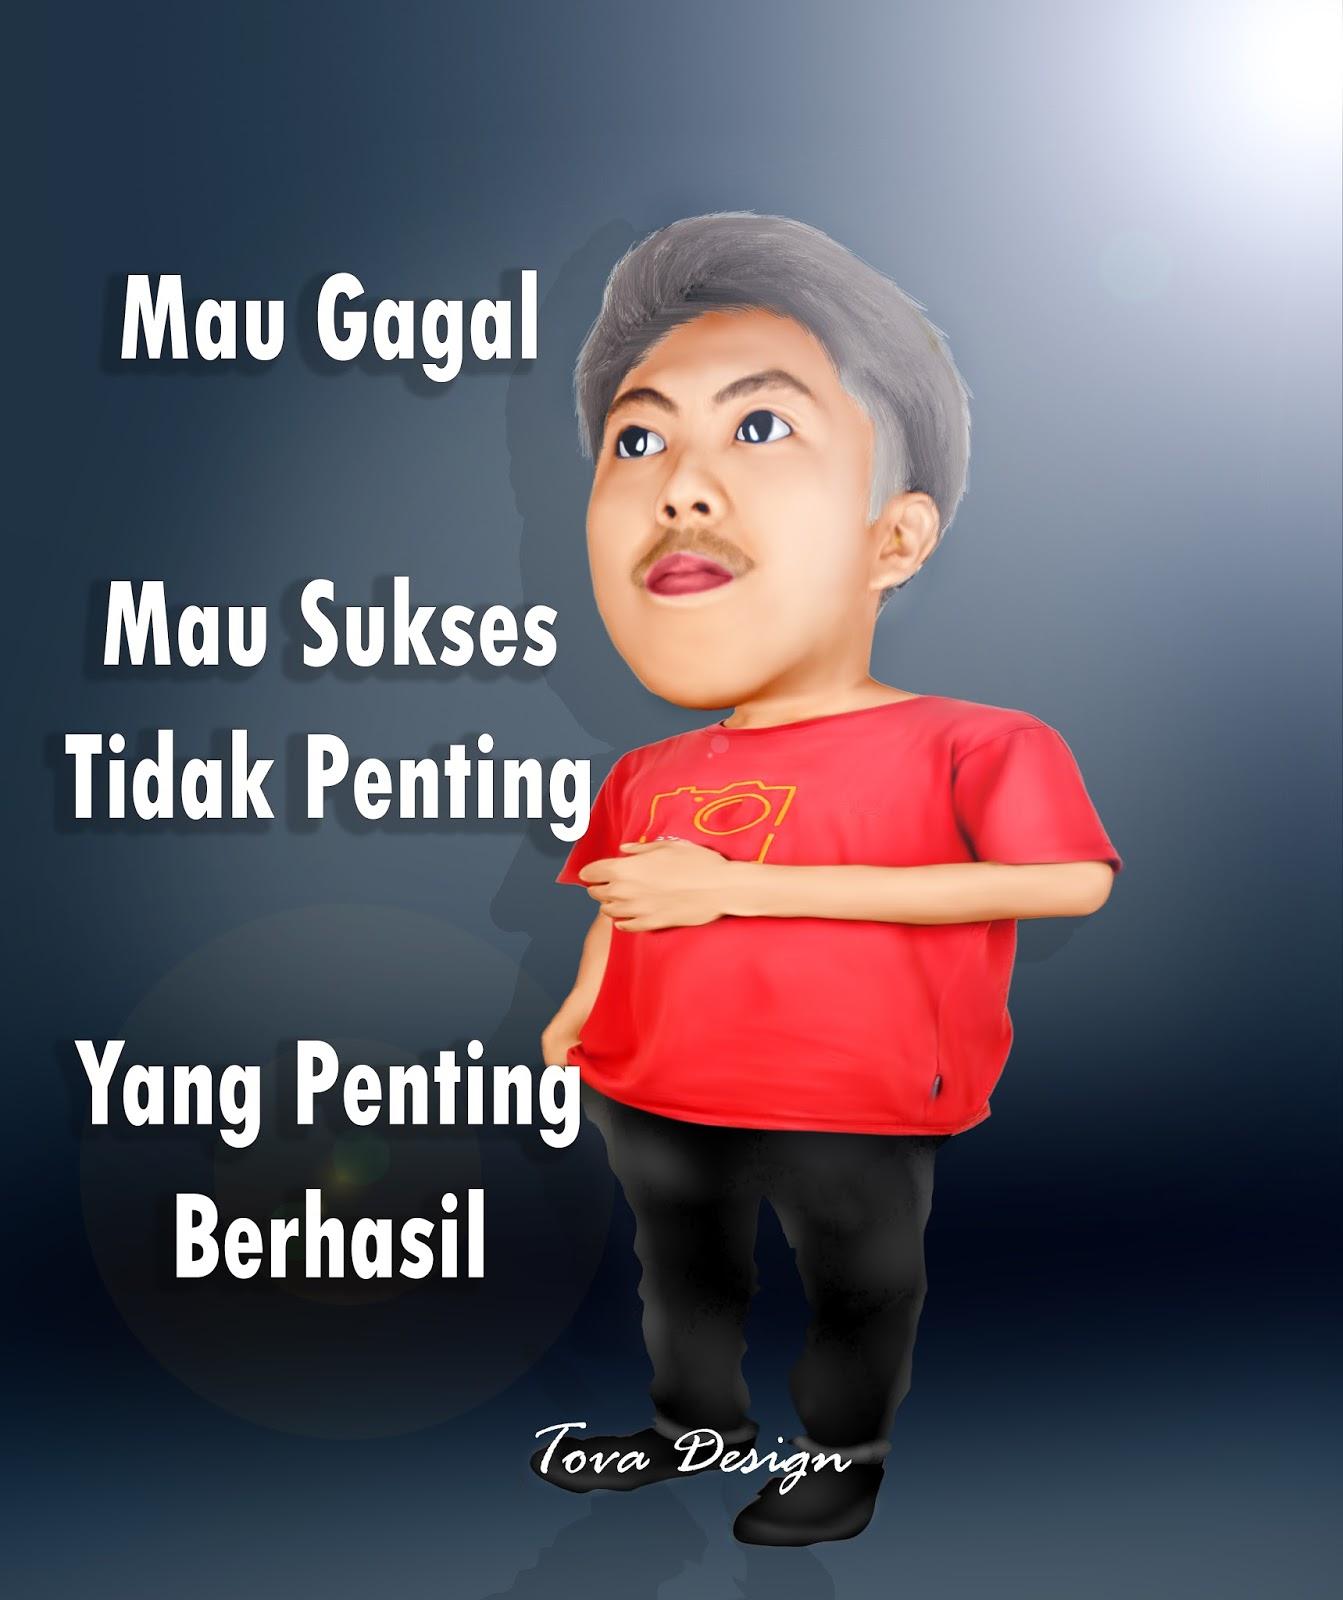 Kata Kata Anak Mandiri Keren Kata Kata Bijak Indonesia